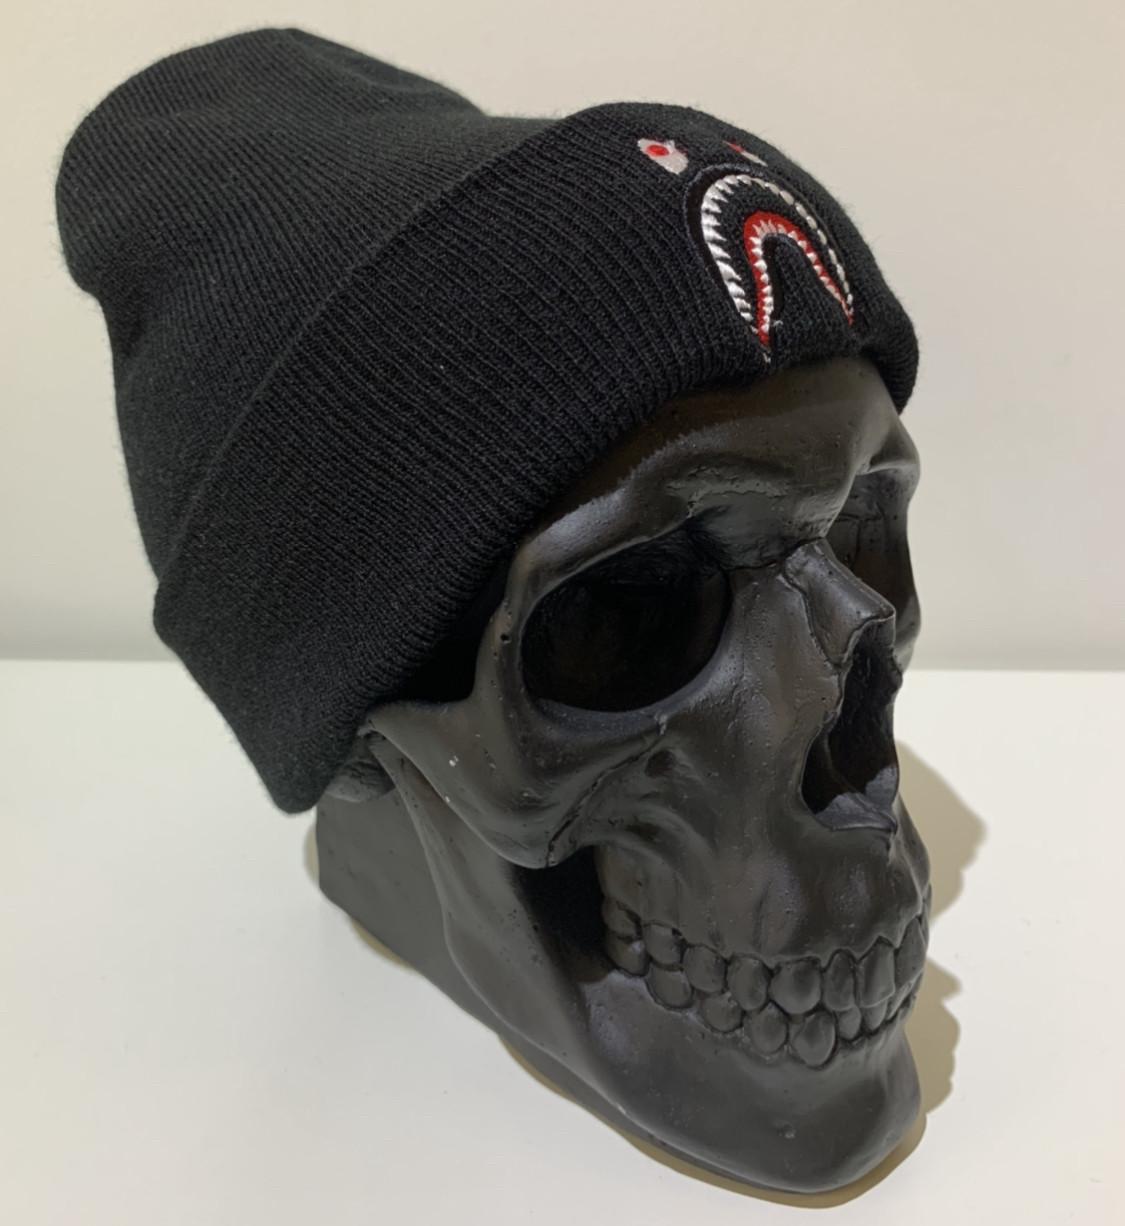 Шапка мужская Bape классическая с логотипом - ❄️ Winter ❄️ Черная